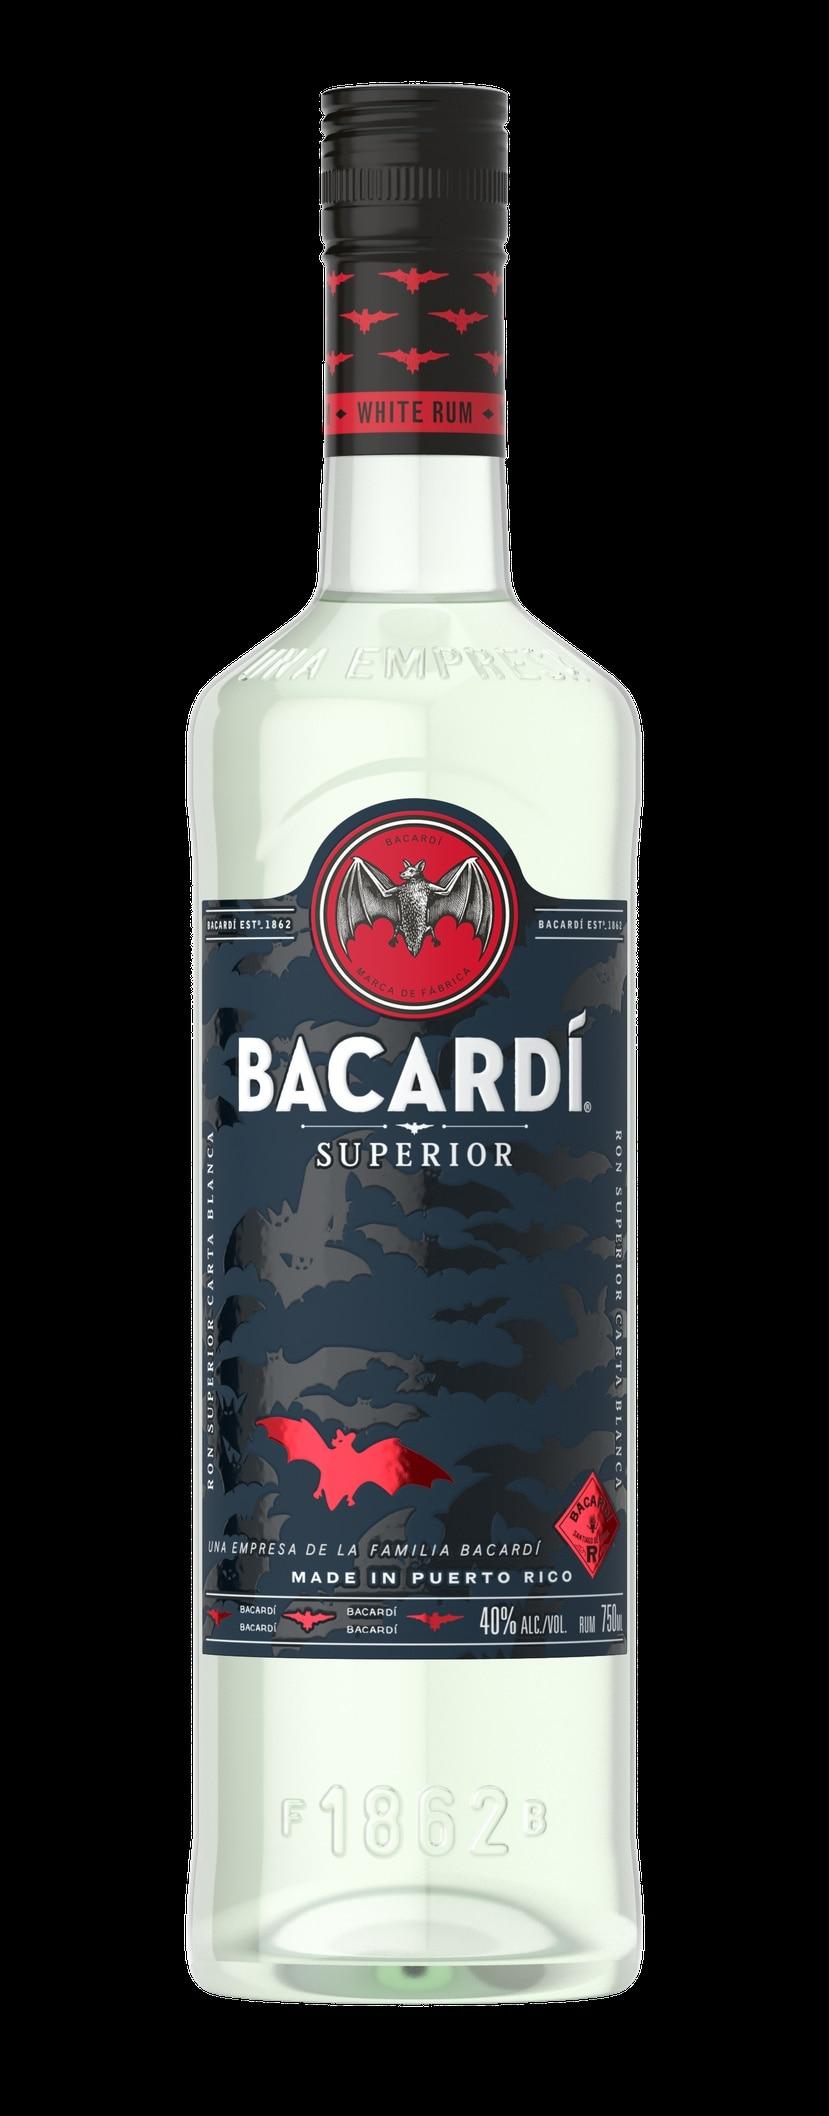 La botella está disponible en algunas de las principales cadenas de supermercados.